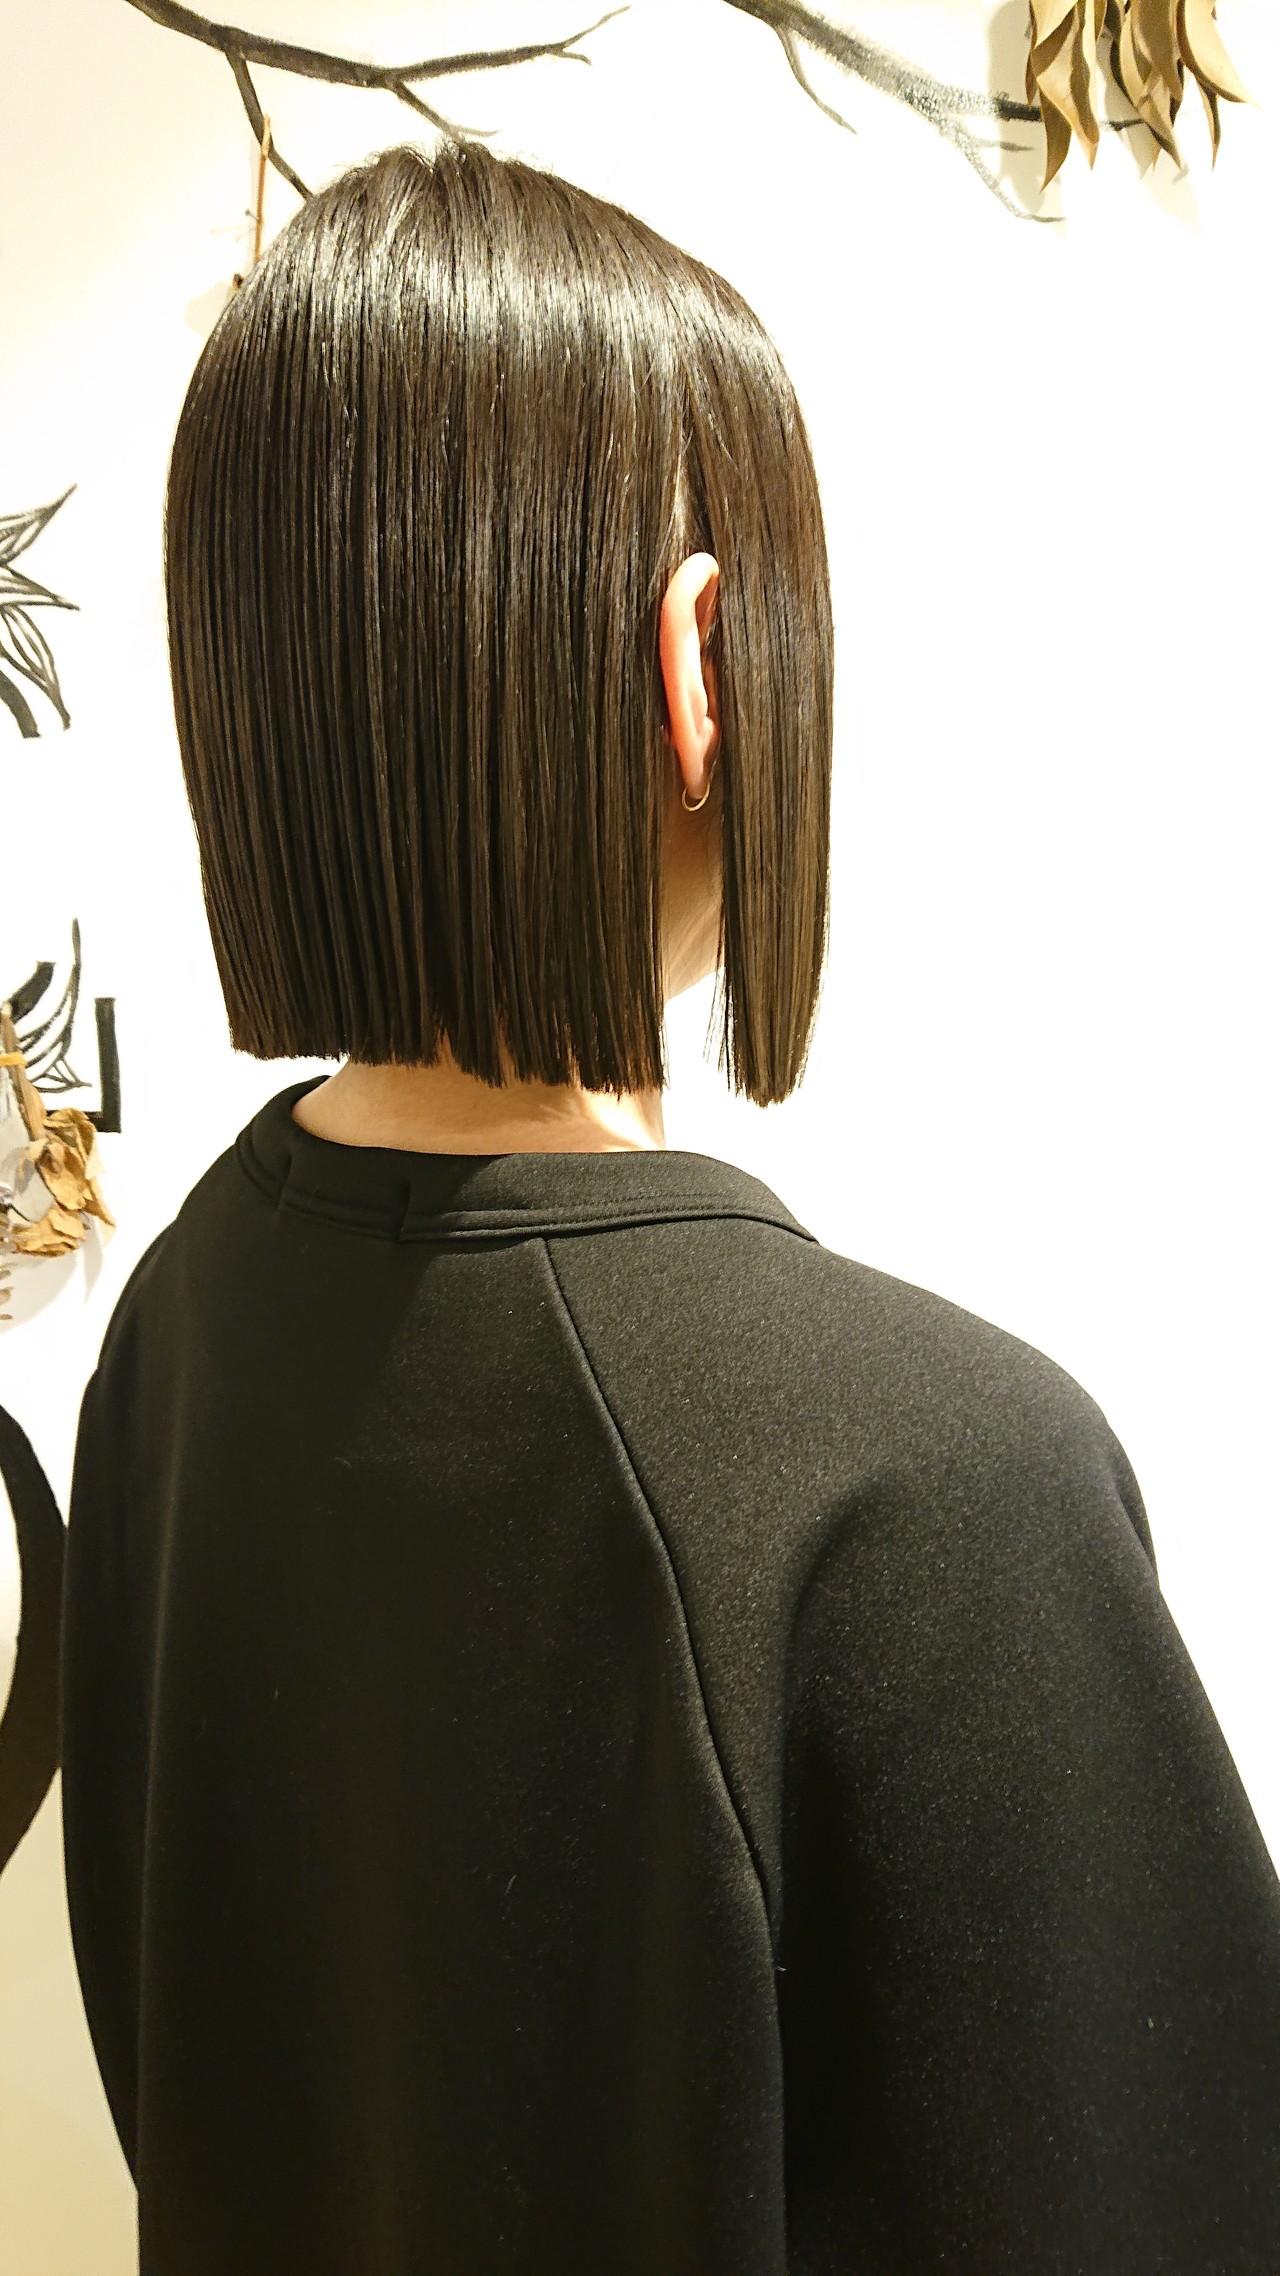 ショートヘア ボブ 切りっぱなし 暗髪 ヘアスタイルや髪型の写真・画像